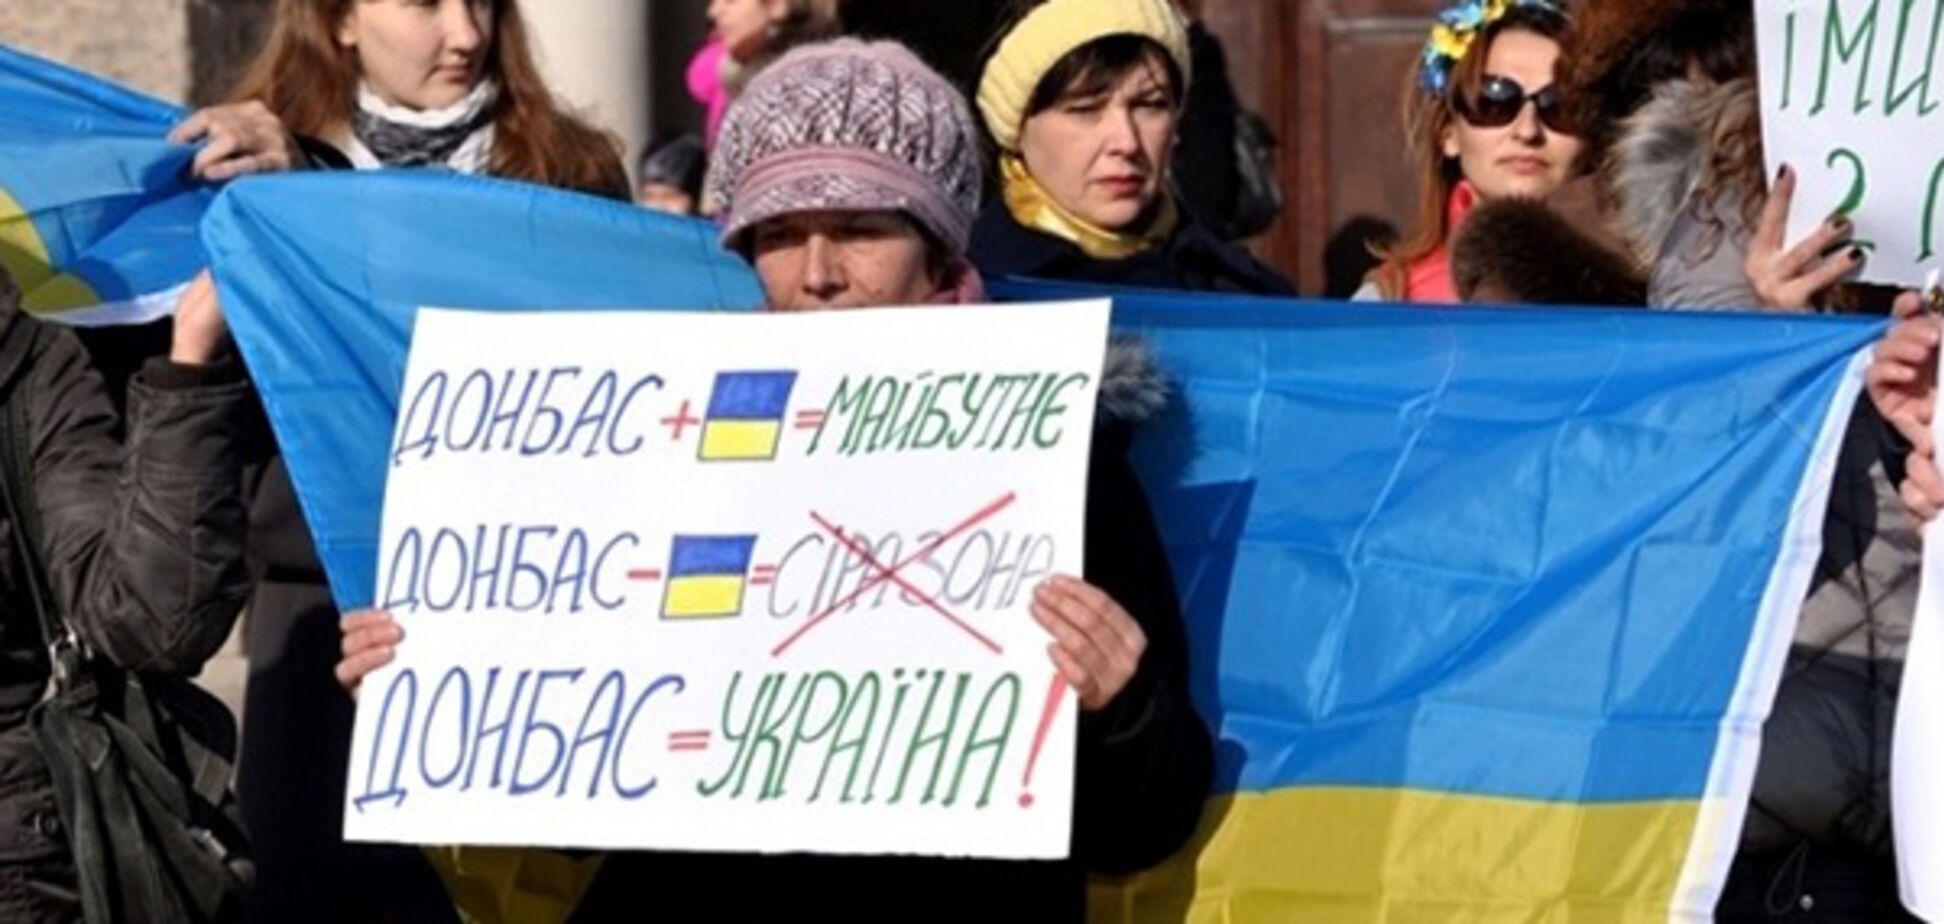 За такое убивают: в Донецке патриоты решились на отчаянный шаг